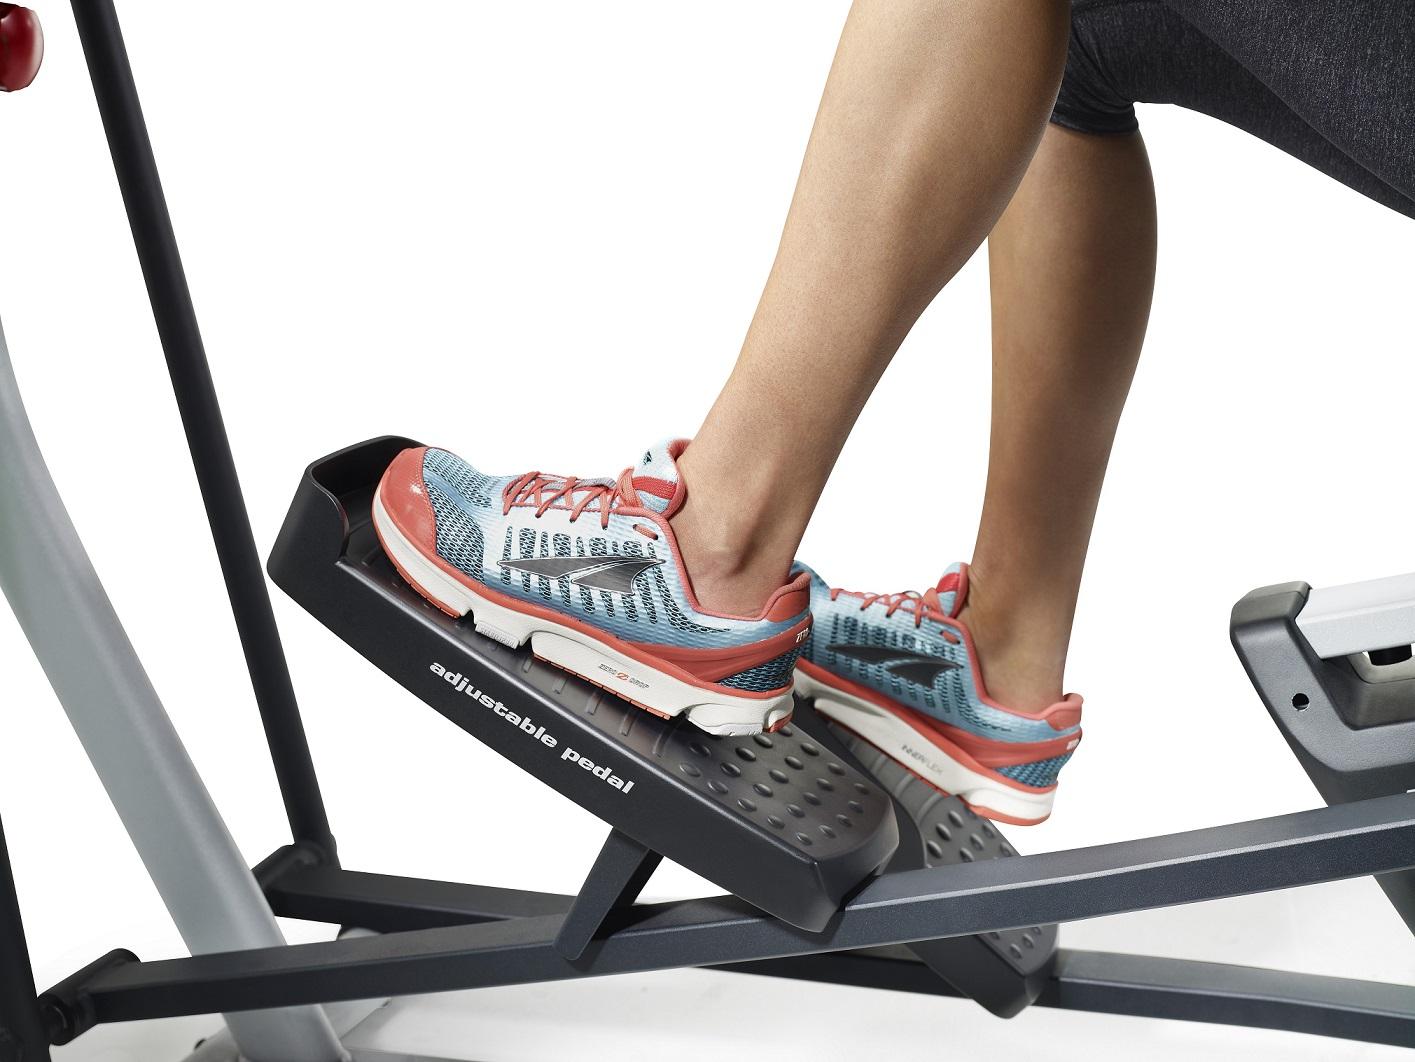 Proform Hybrid Trainer nášlapy